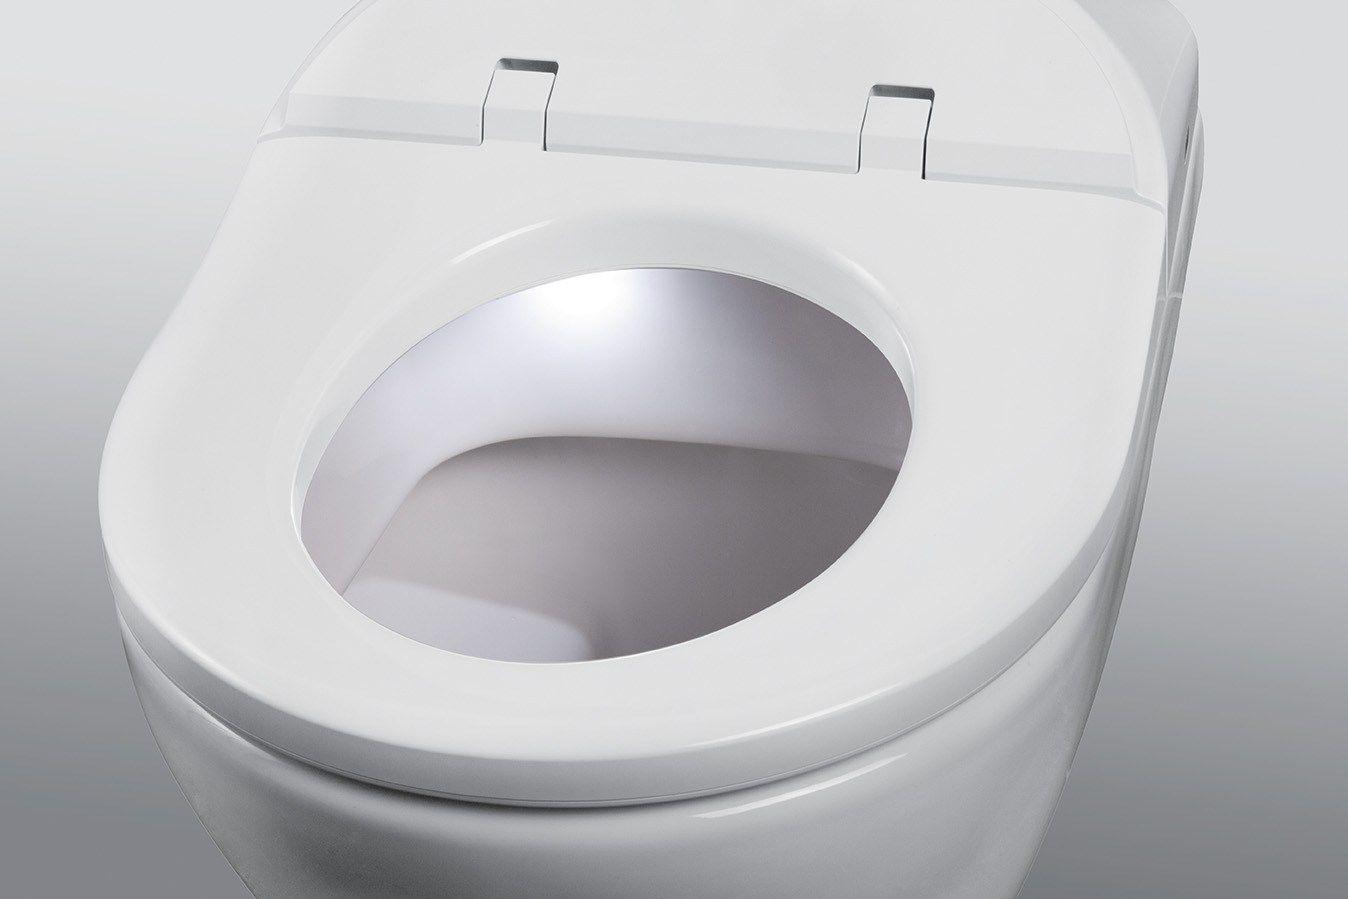 lunette de toilette lectronique viclean l by villeroy boch. Black Bedroom Furniture Sets. Home Design Ideas